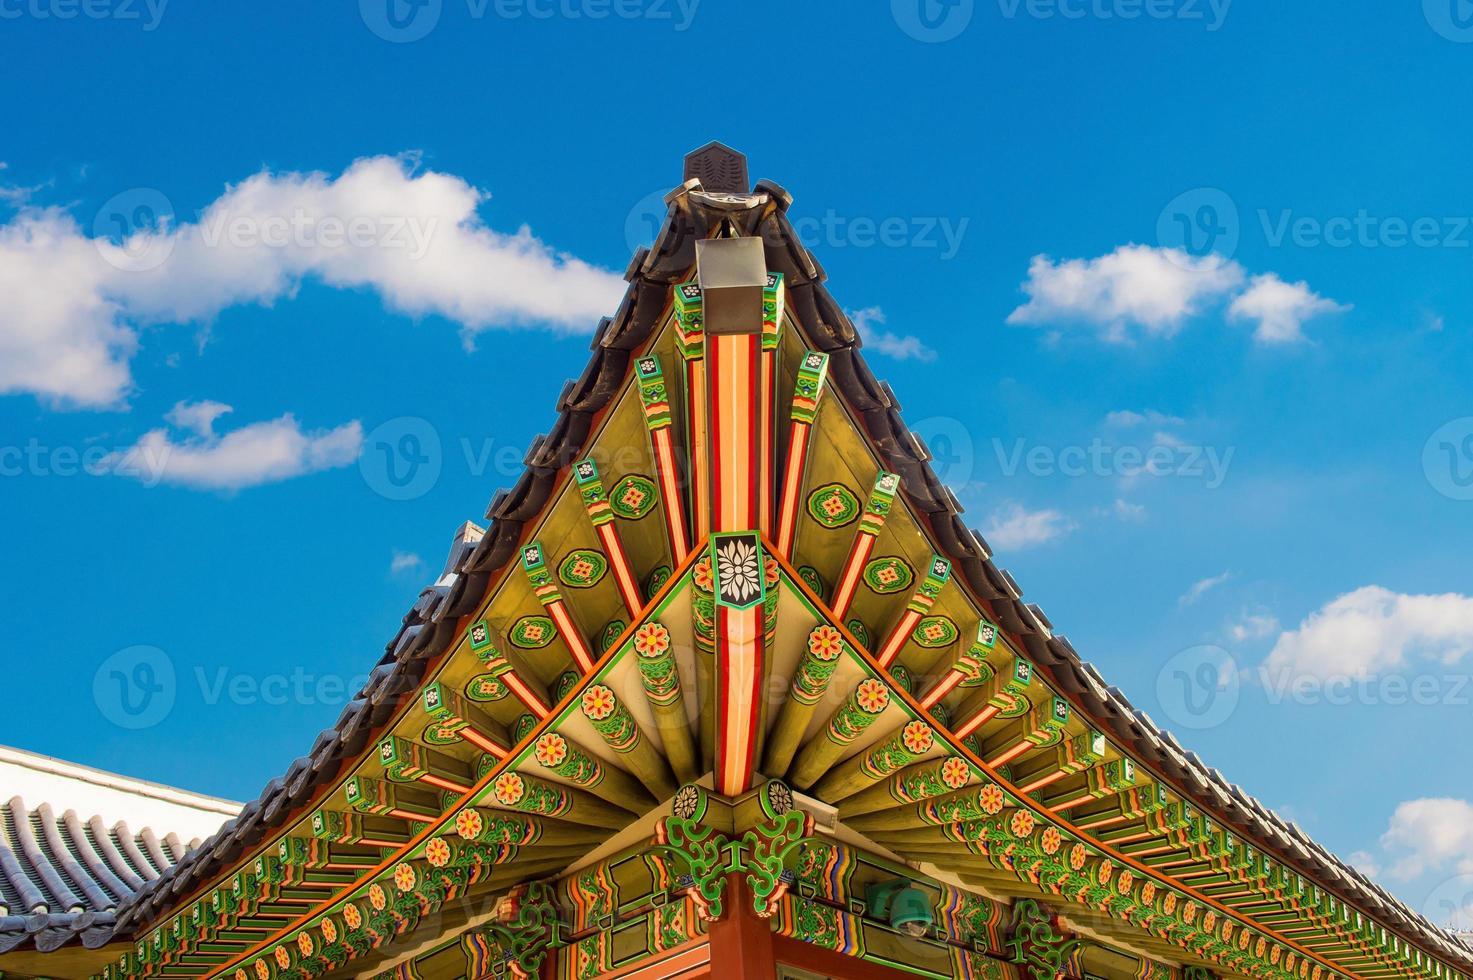 techo del palacio gyeongbokgung en seúl, foto